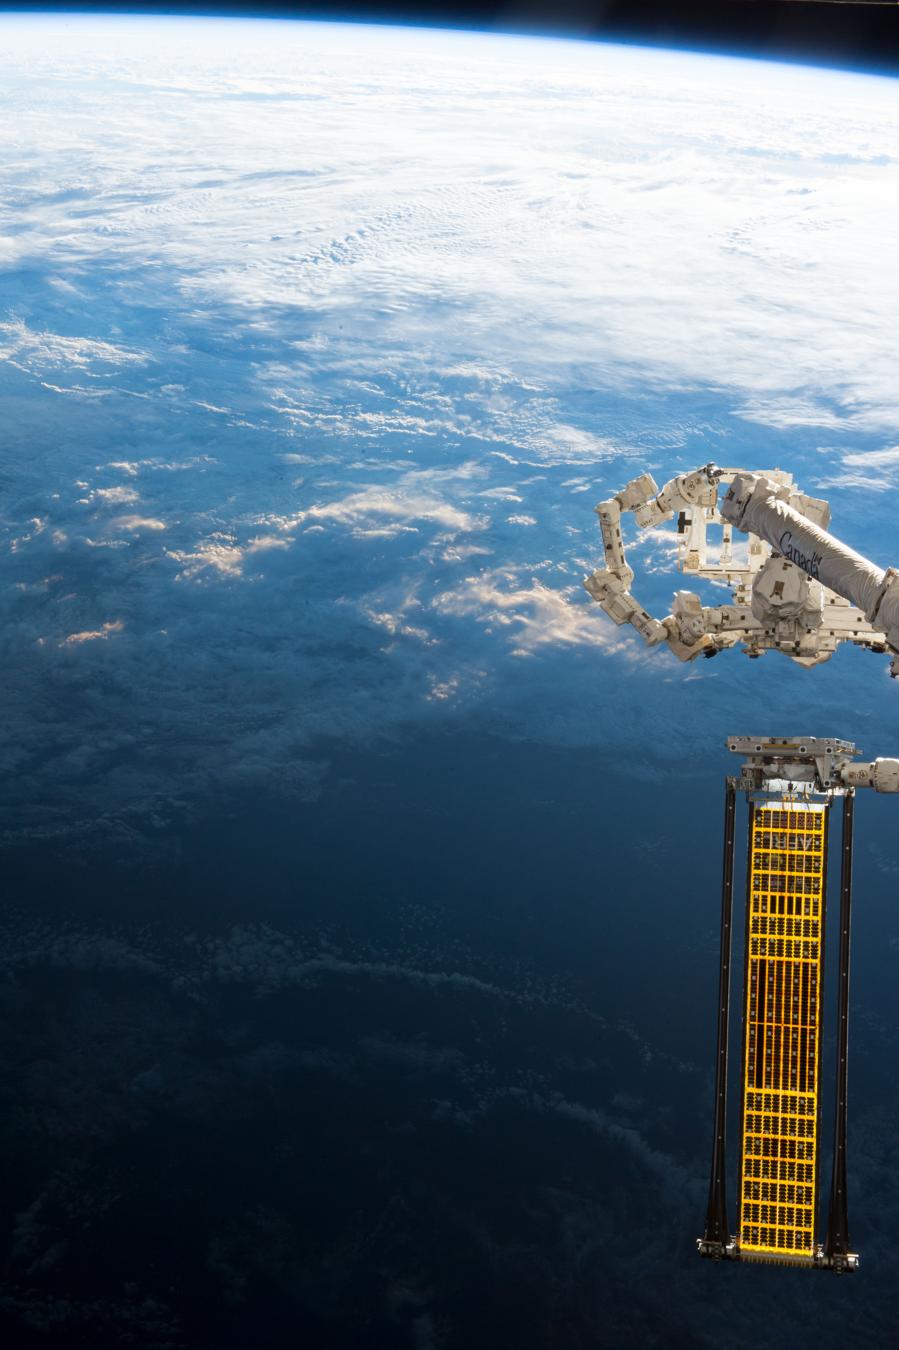 Premier test de déroulement des panneaux ROSA réalisé par l\'équipage de l\'Expédition 52 à bord de l\'ISS